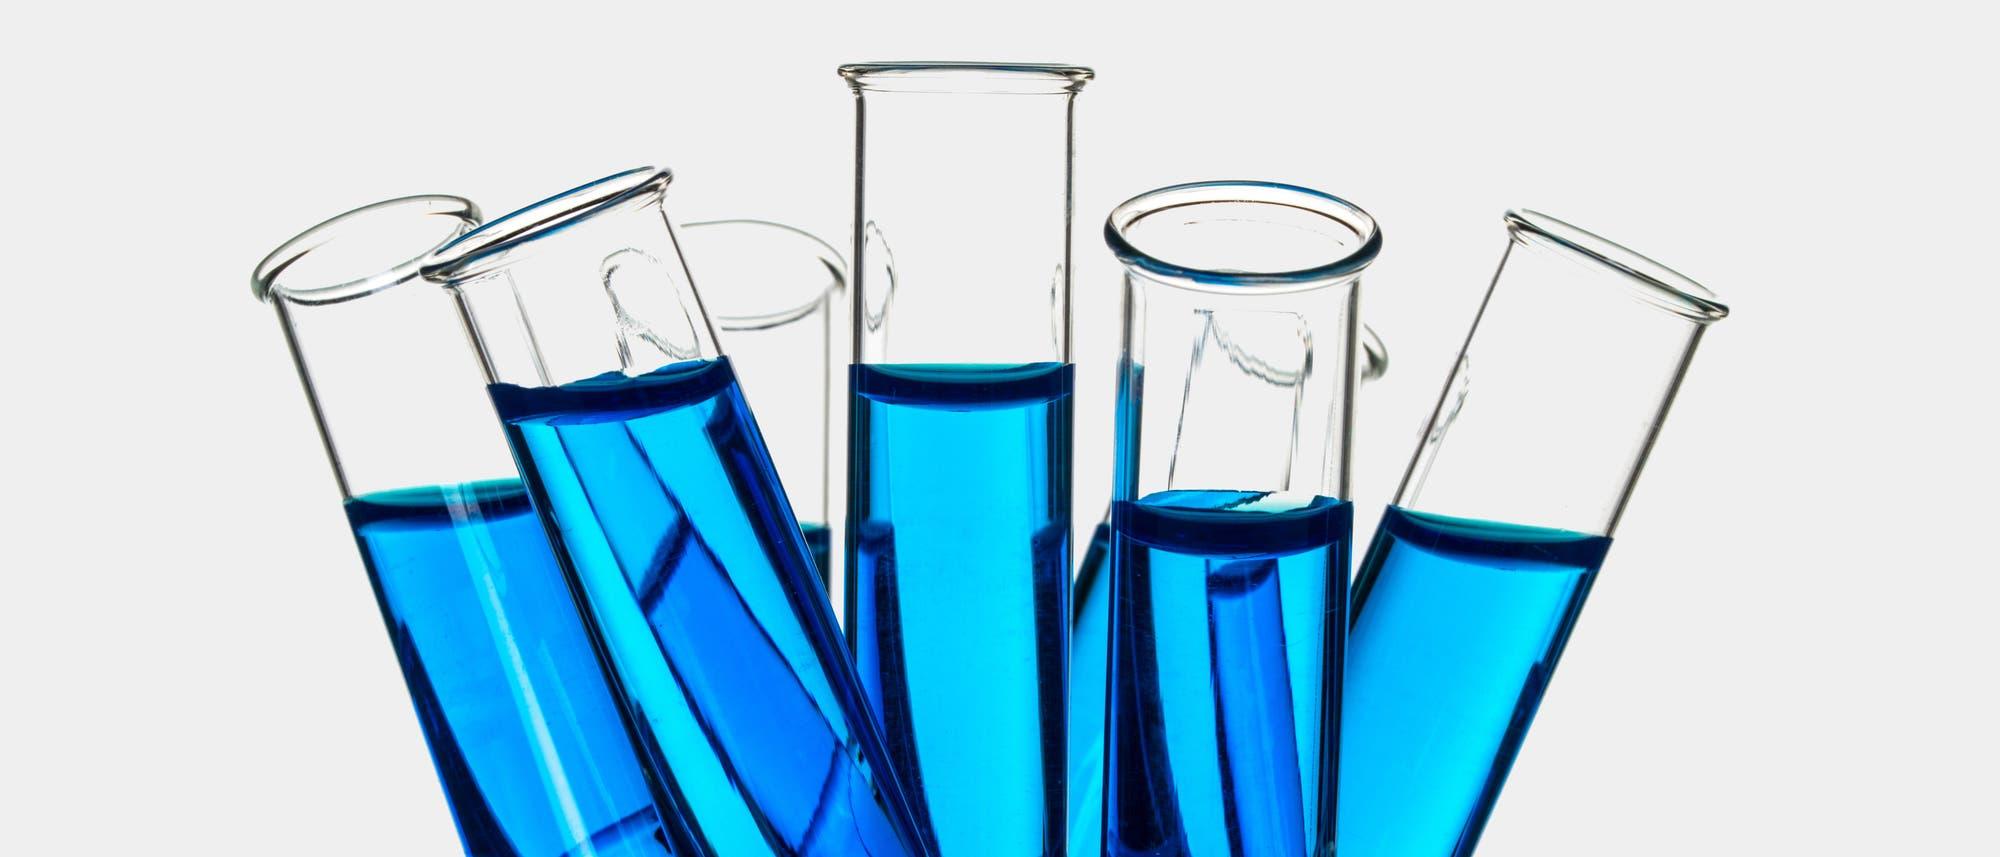 Reagenzgläser mit blauer Lösung in einem großen Becherglas